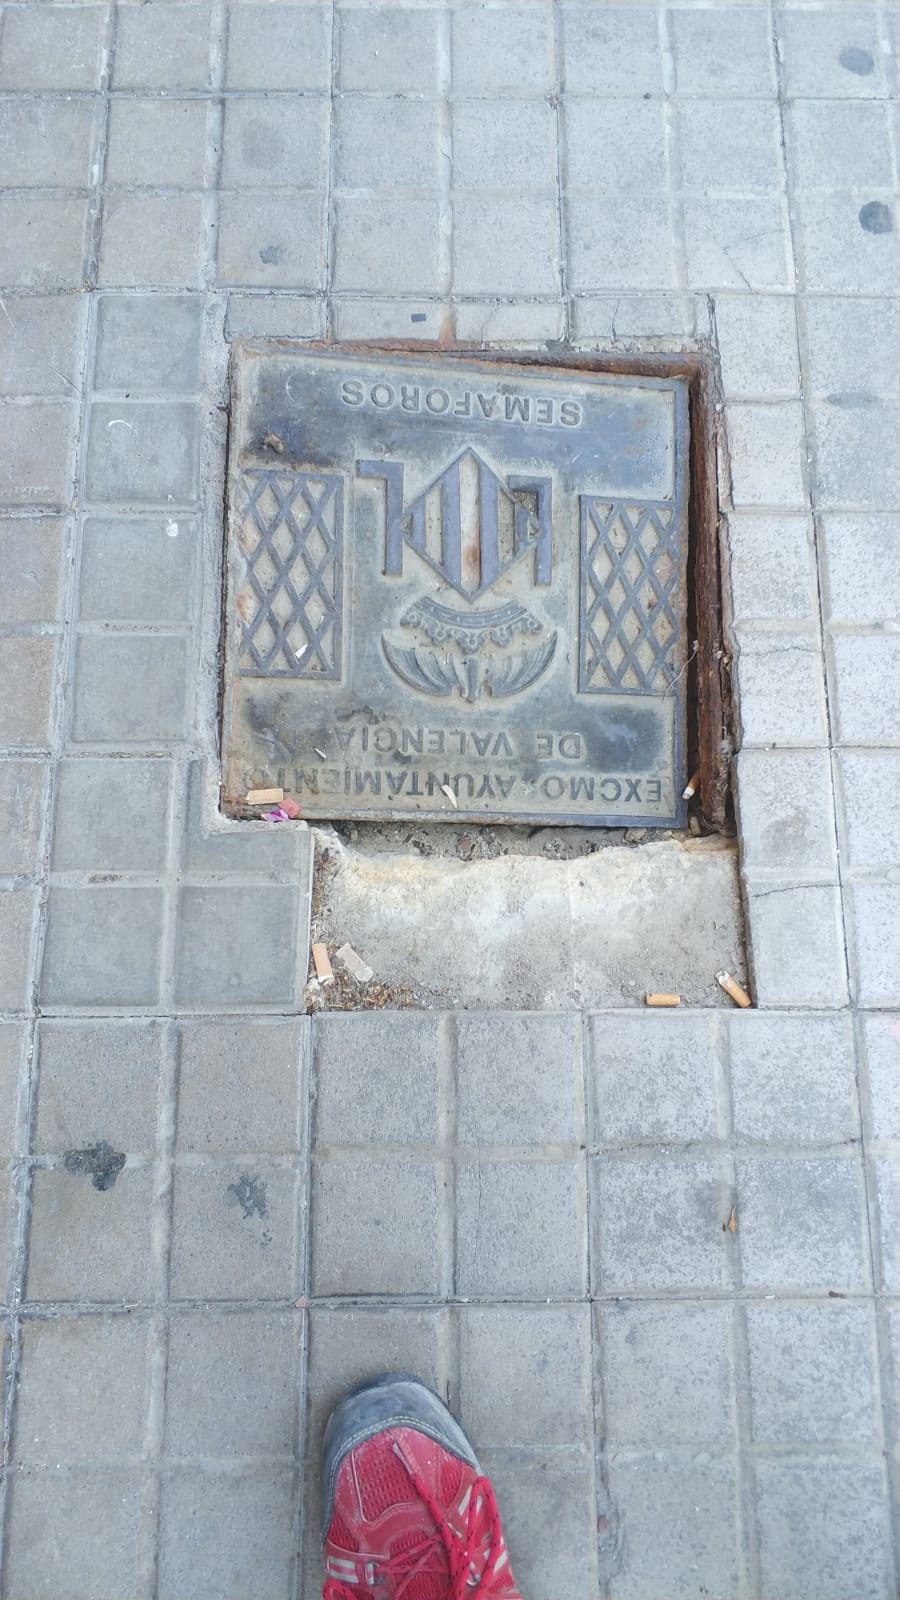 Hepe Fachadas: últimos trabajos en reforma y saneamiento de fachadas en Valencia